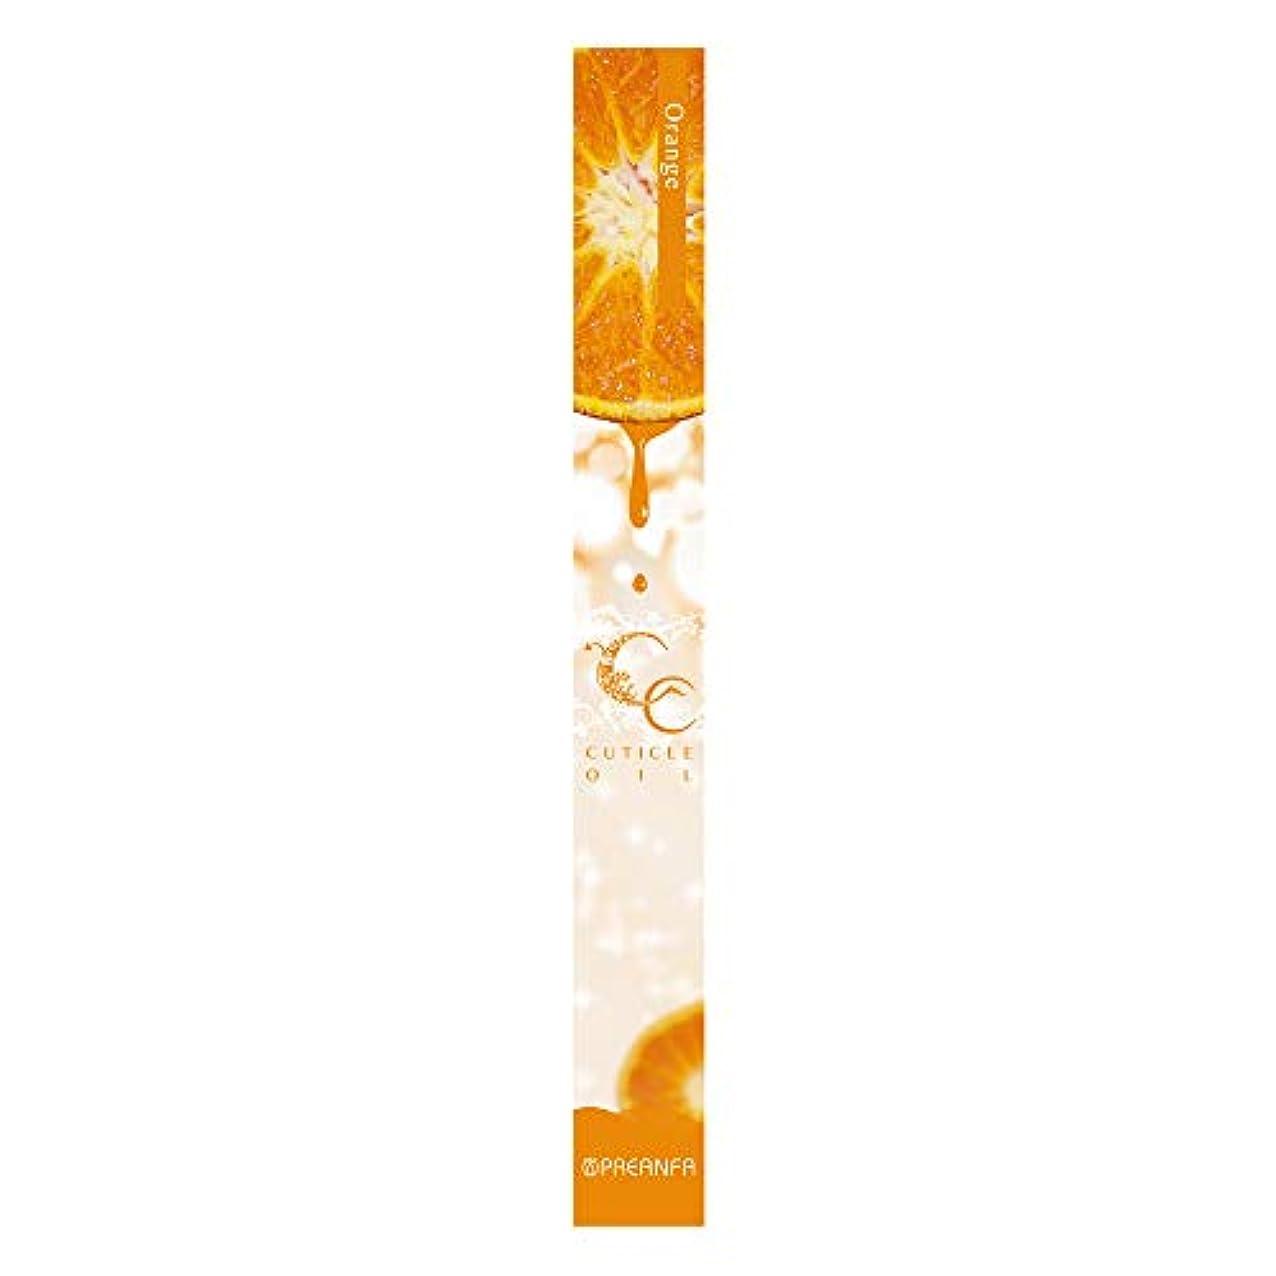 作るパテ強盗プリジェル 甘皮ケア CCキューティクルオイル オレンジ 4.5g 保湿オイル ペンタイプ